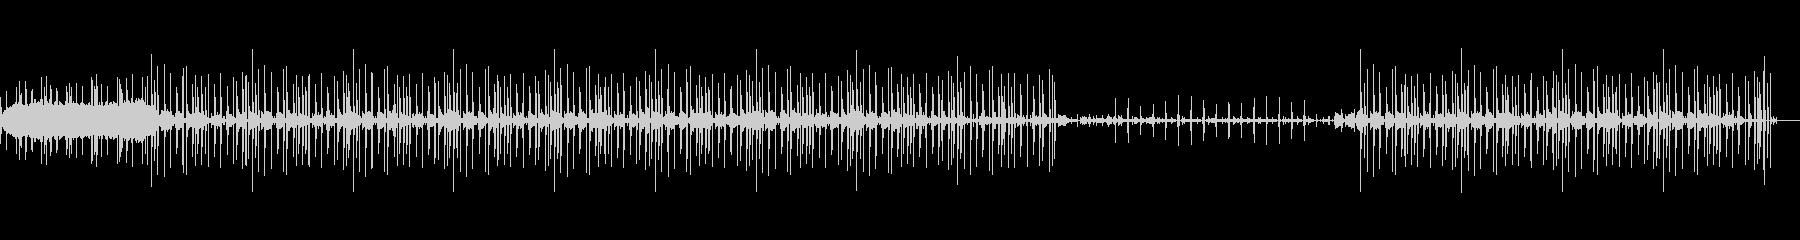 麻布十番 Lo-Fi Beats の未再生の波形